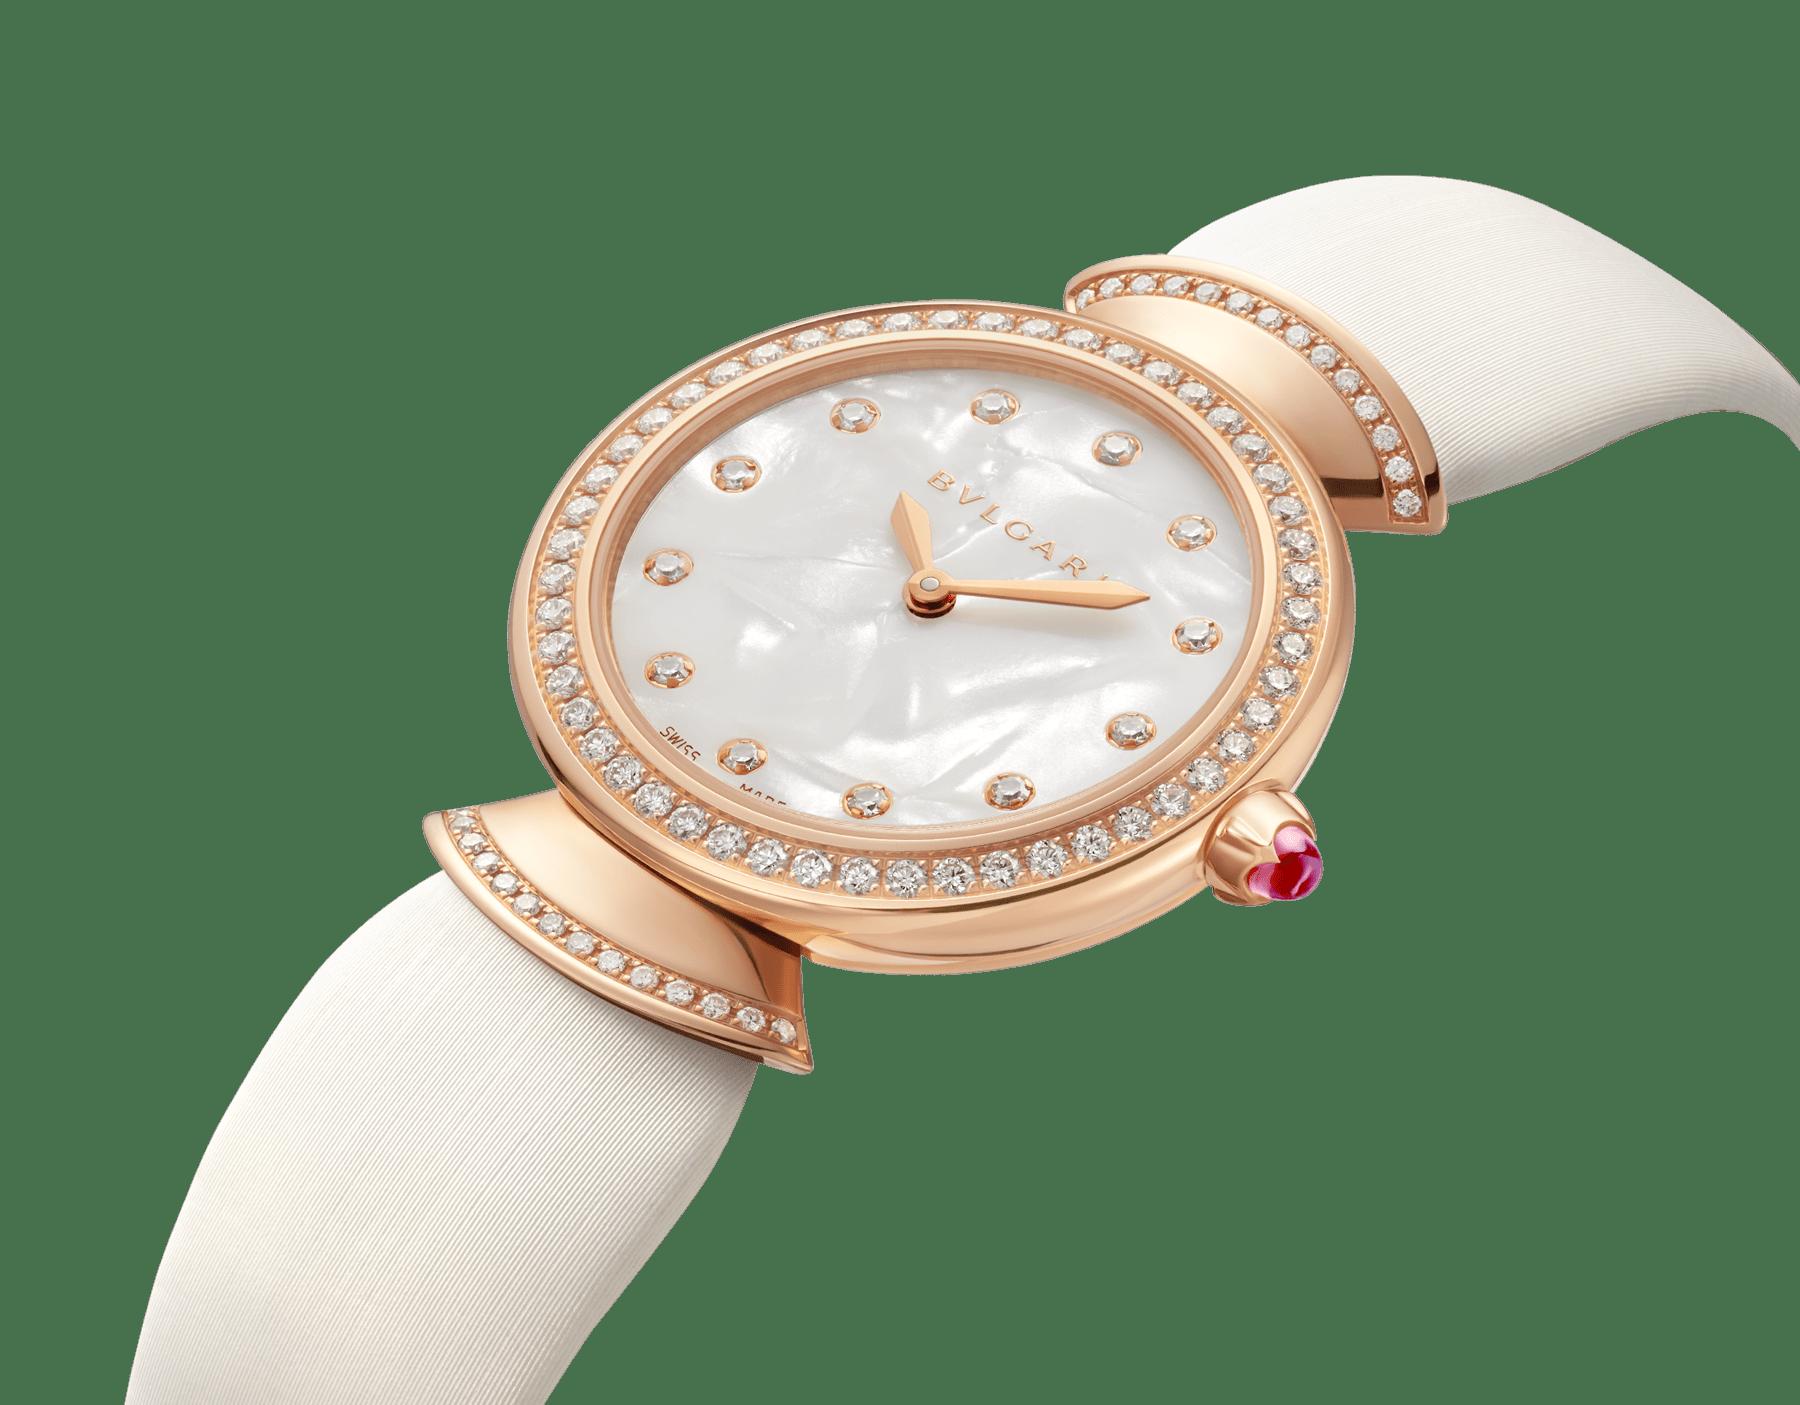 Montre DIVAS' DREAM avec boîtier en or rose 18K serti de diamants taille brillant, cadran en acétate naturel, index sertis de diamants et bracelet en satin blanc 102433 image 2